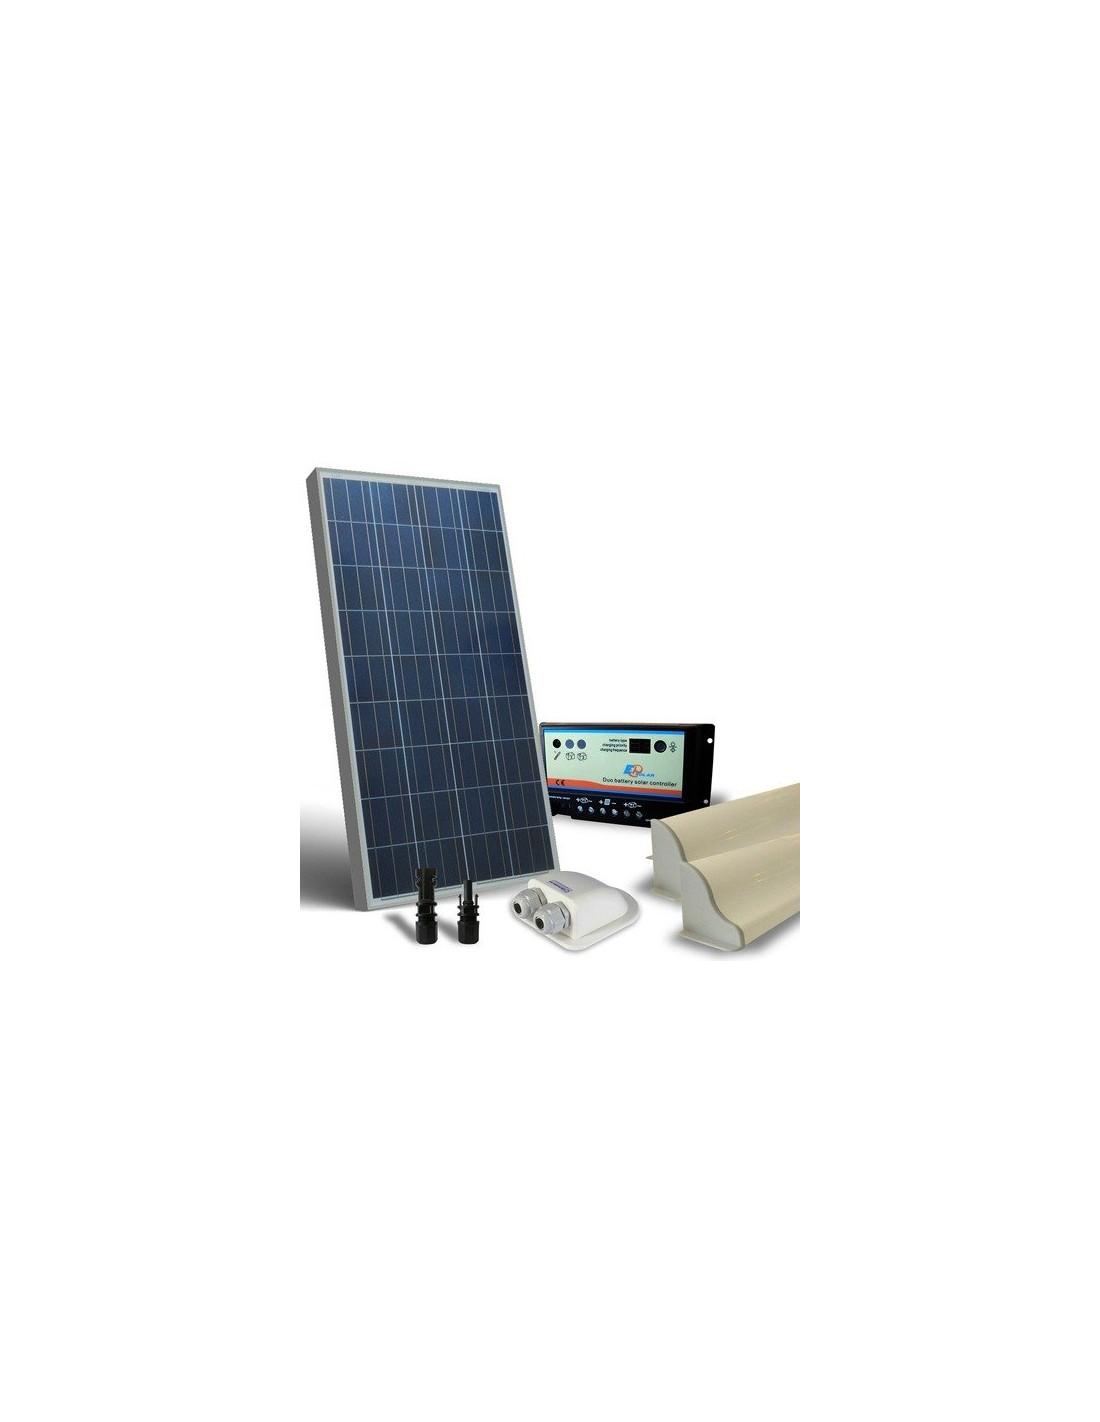 Pannello Solare Kit Camper : Kit solare camper w v base pannello fotovoltaico